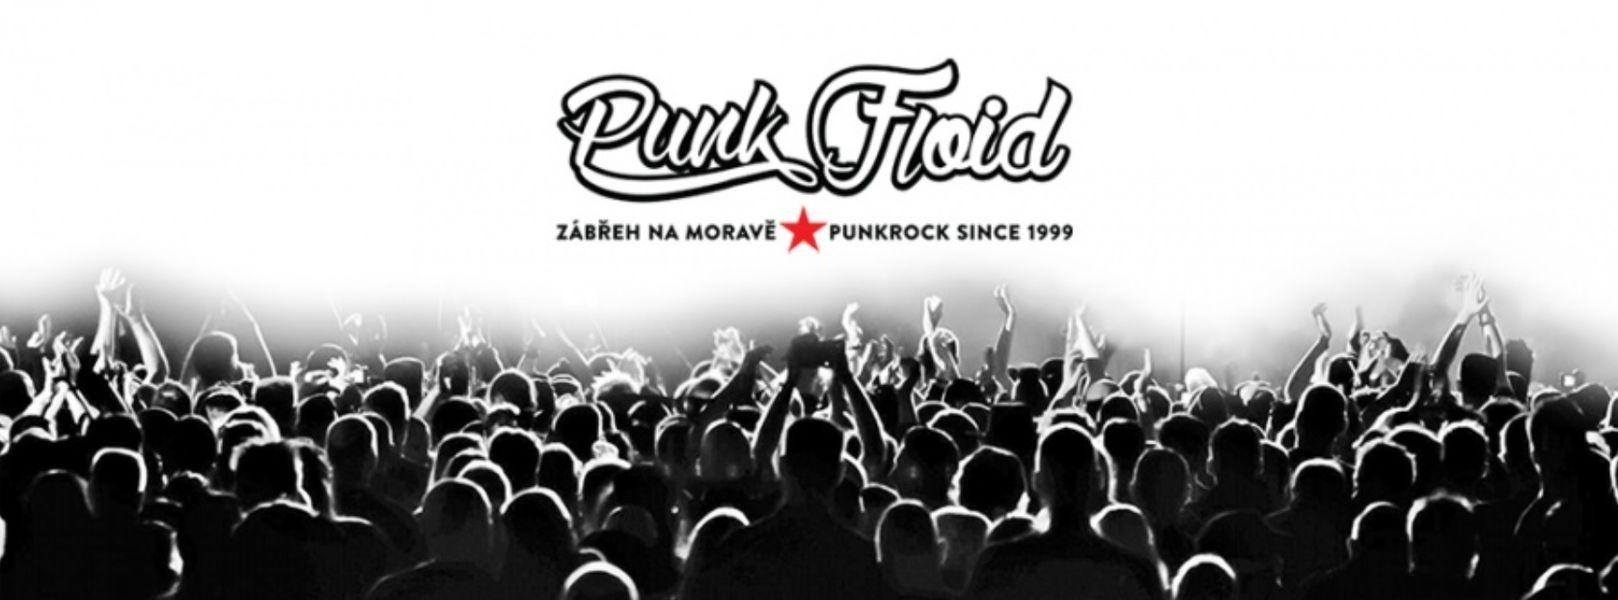 Punk Floid oslaví 20 let existence velkolepě zdroj: web kapely